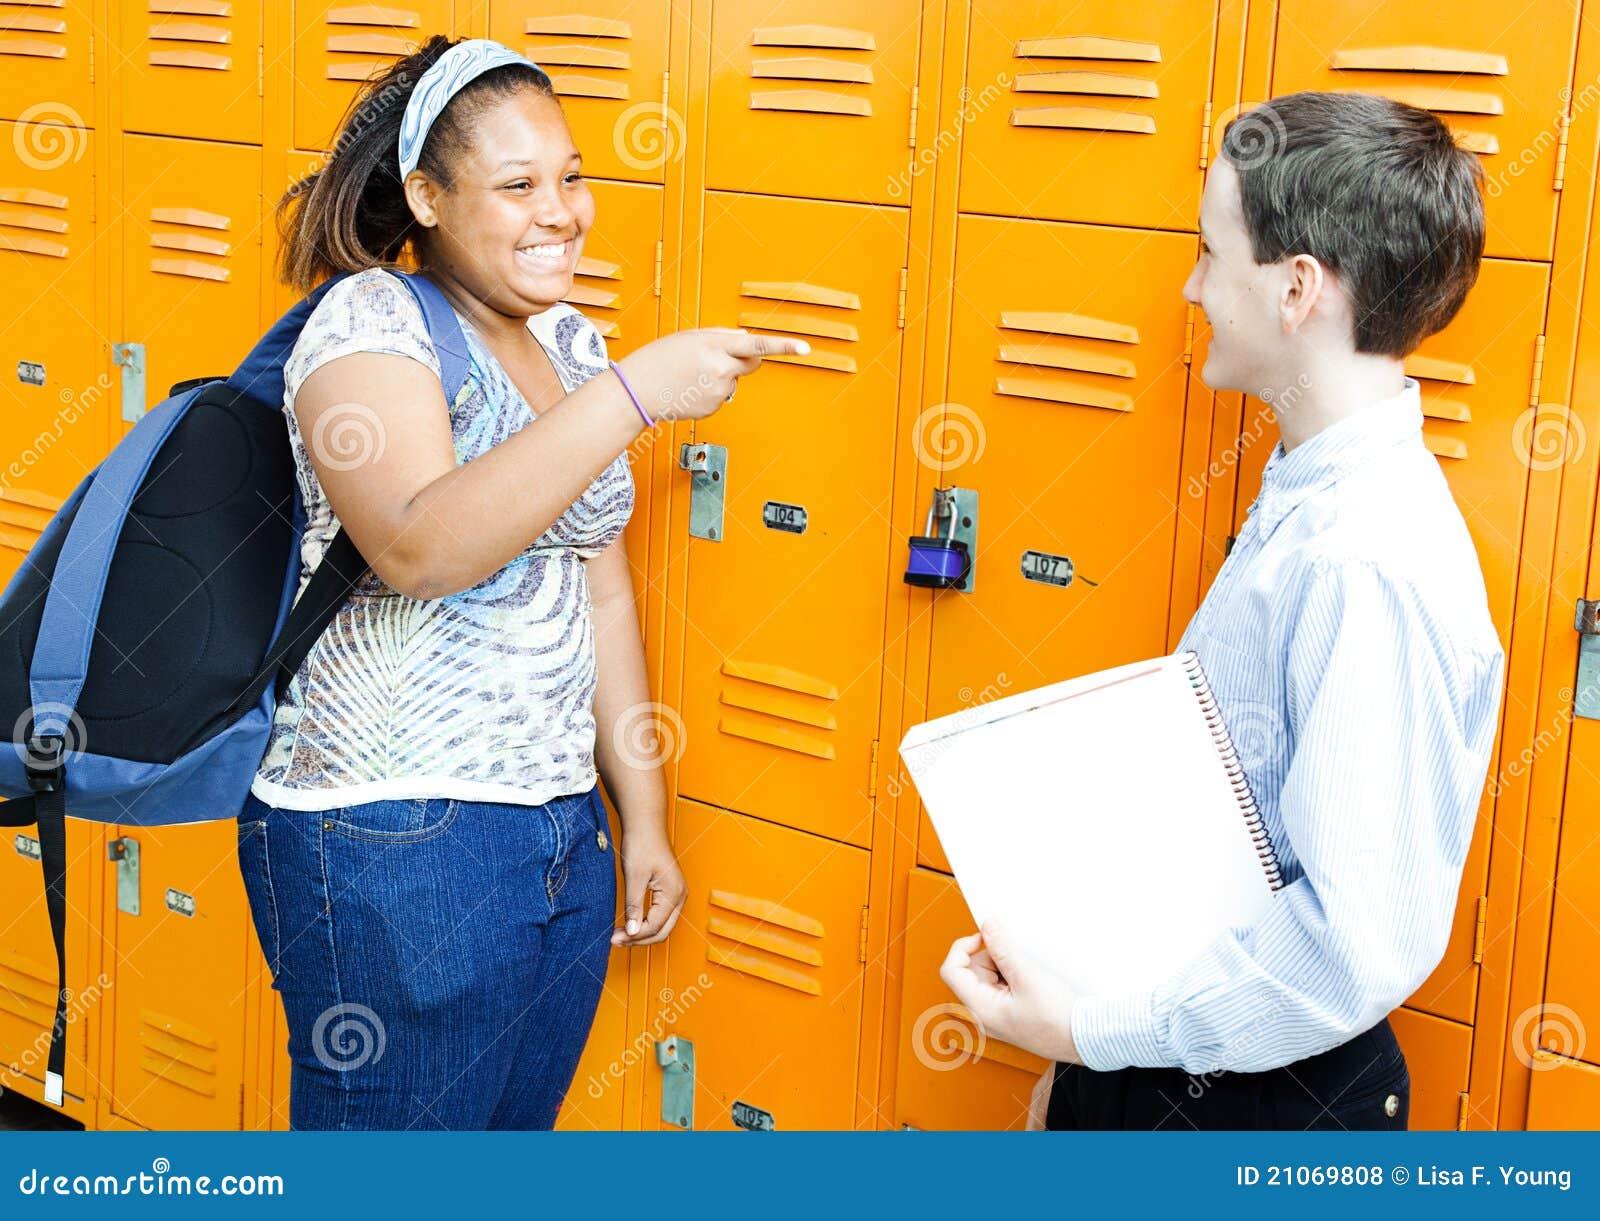 Jungs flirten schule